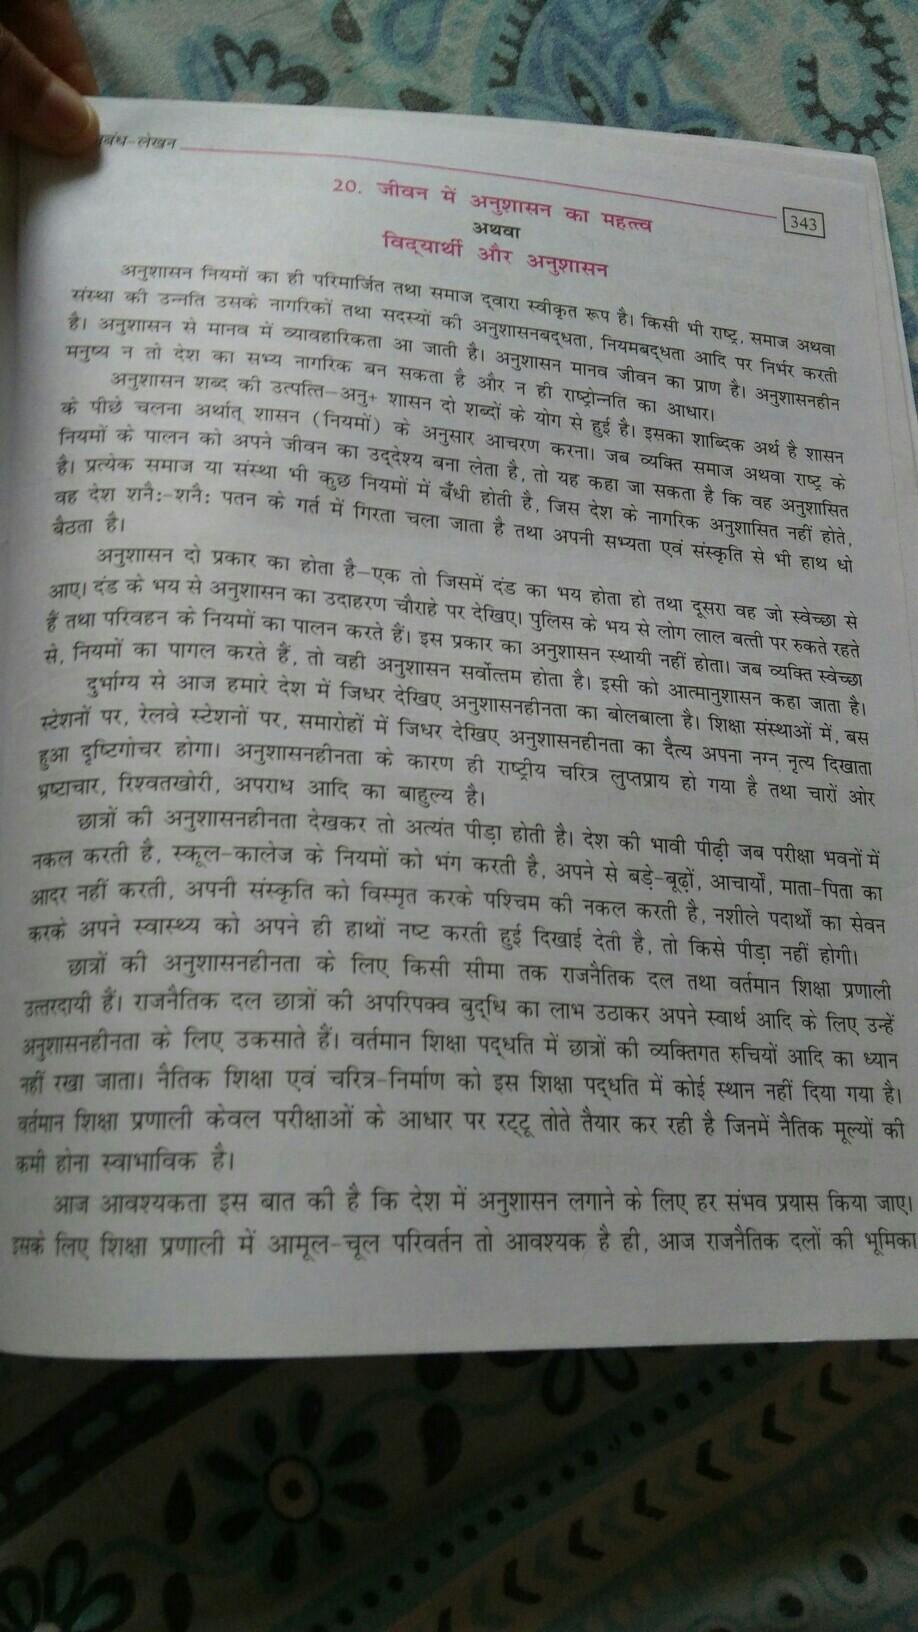 essay on vidyarthi jeevan mein anushasan ka mahatva